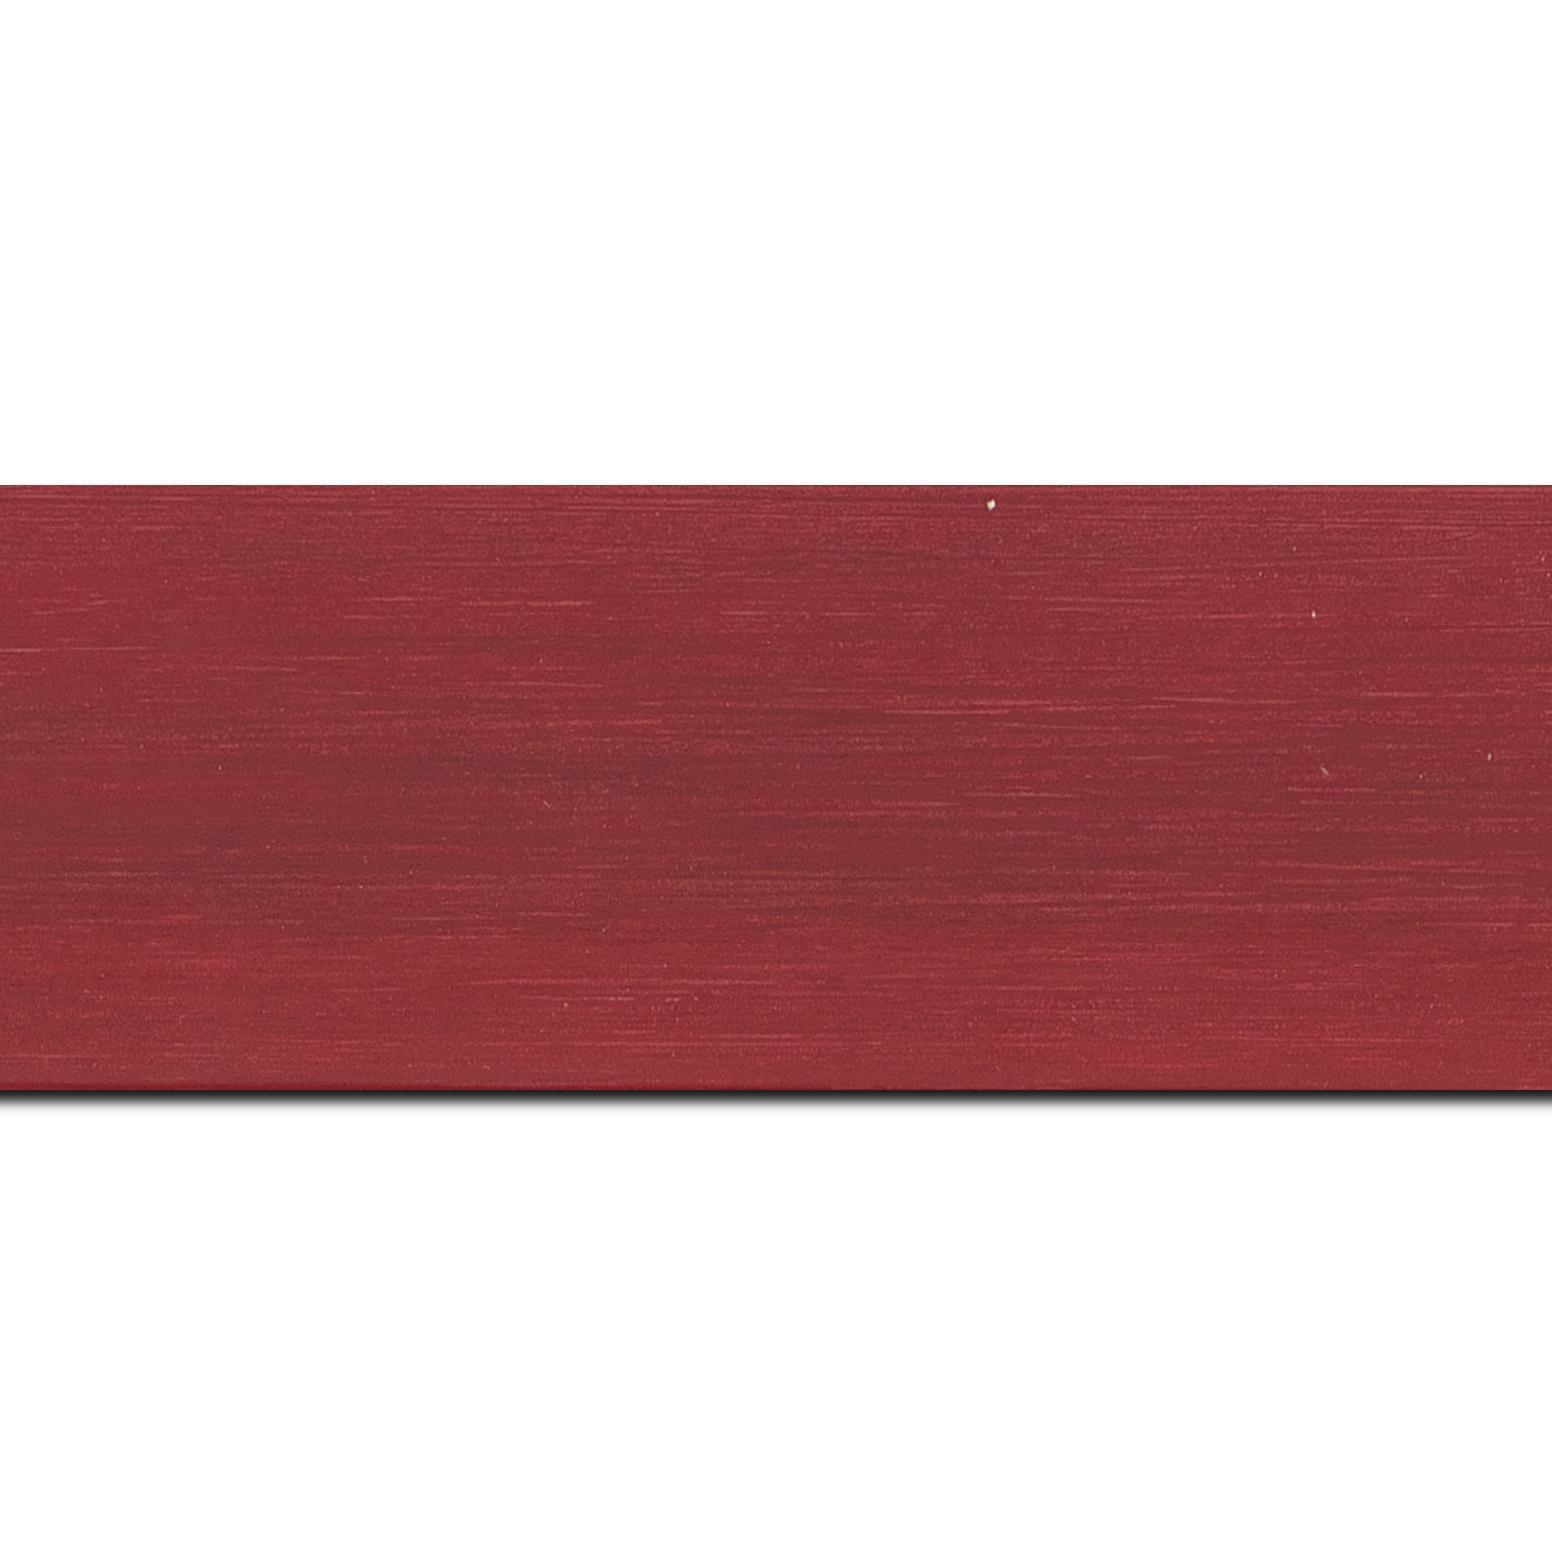 Baguette longueur 1.40m bois profil plat largeur 6cm bordeaux satiné effet veiné ,chant extérieur du cadre de couleur noire